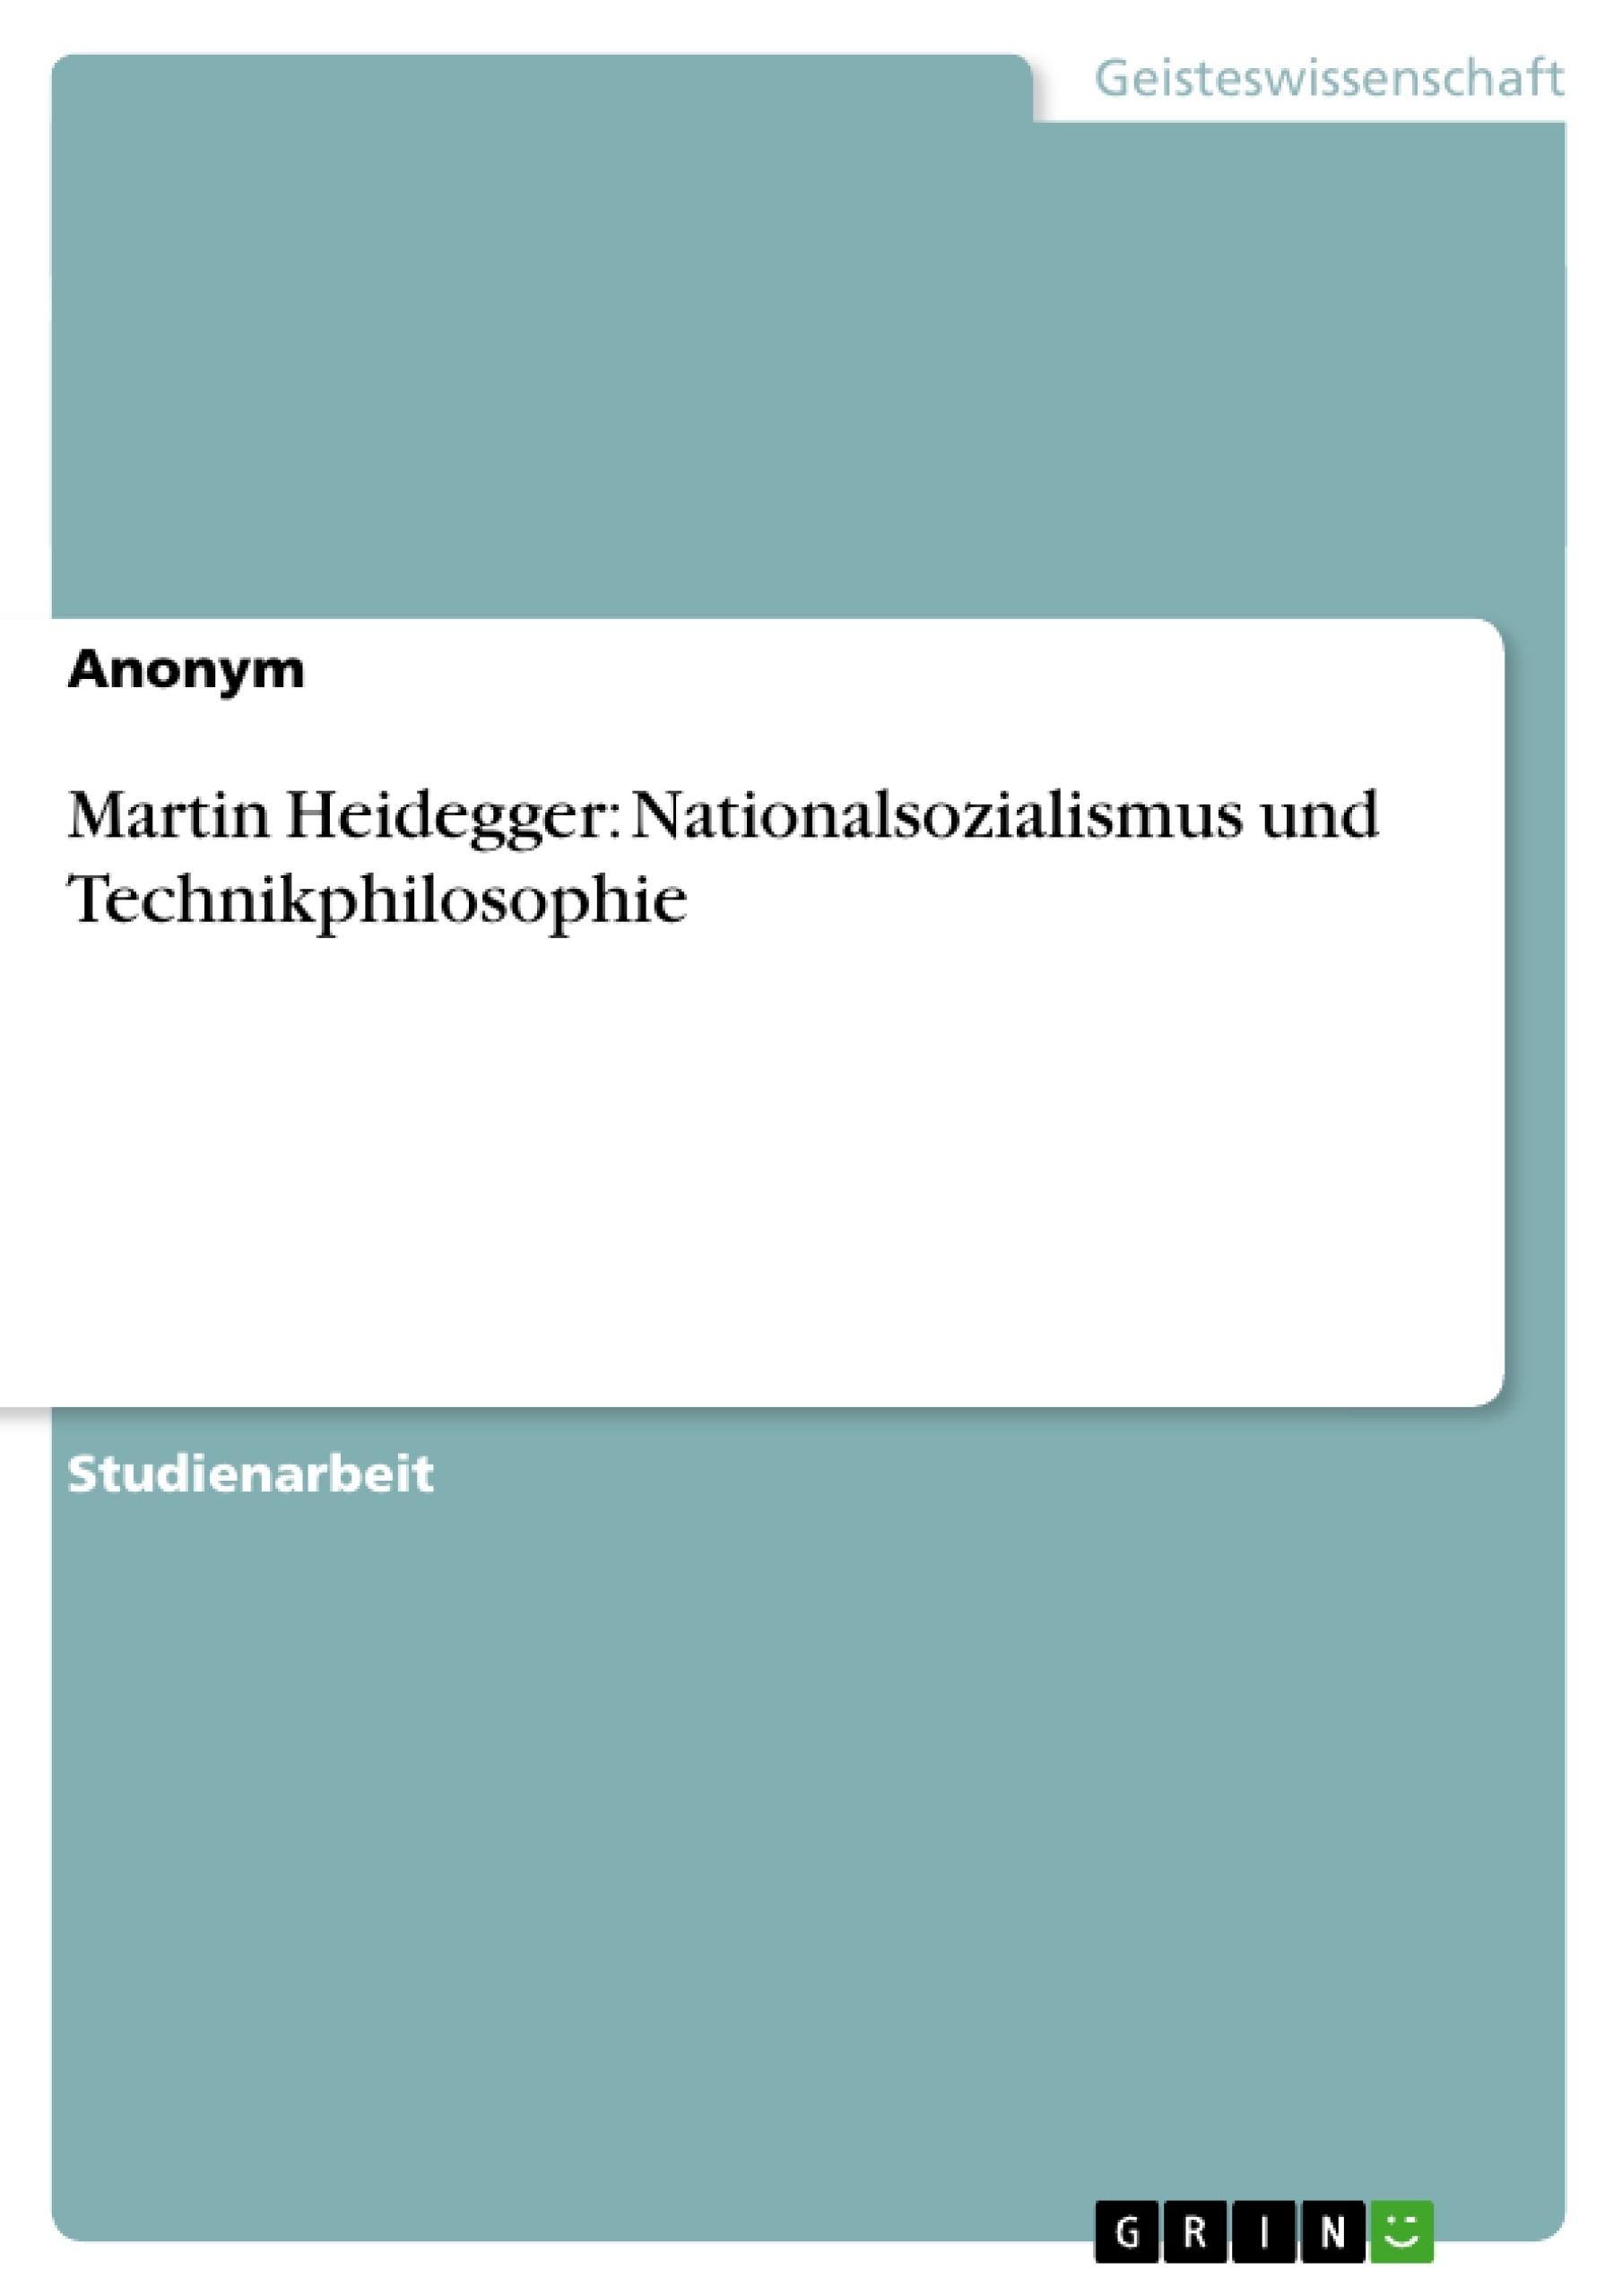 Titel: Martin Heidegger: Nationalsozialismus  und Technikphilosophie